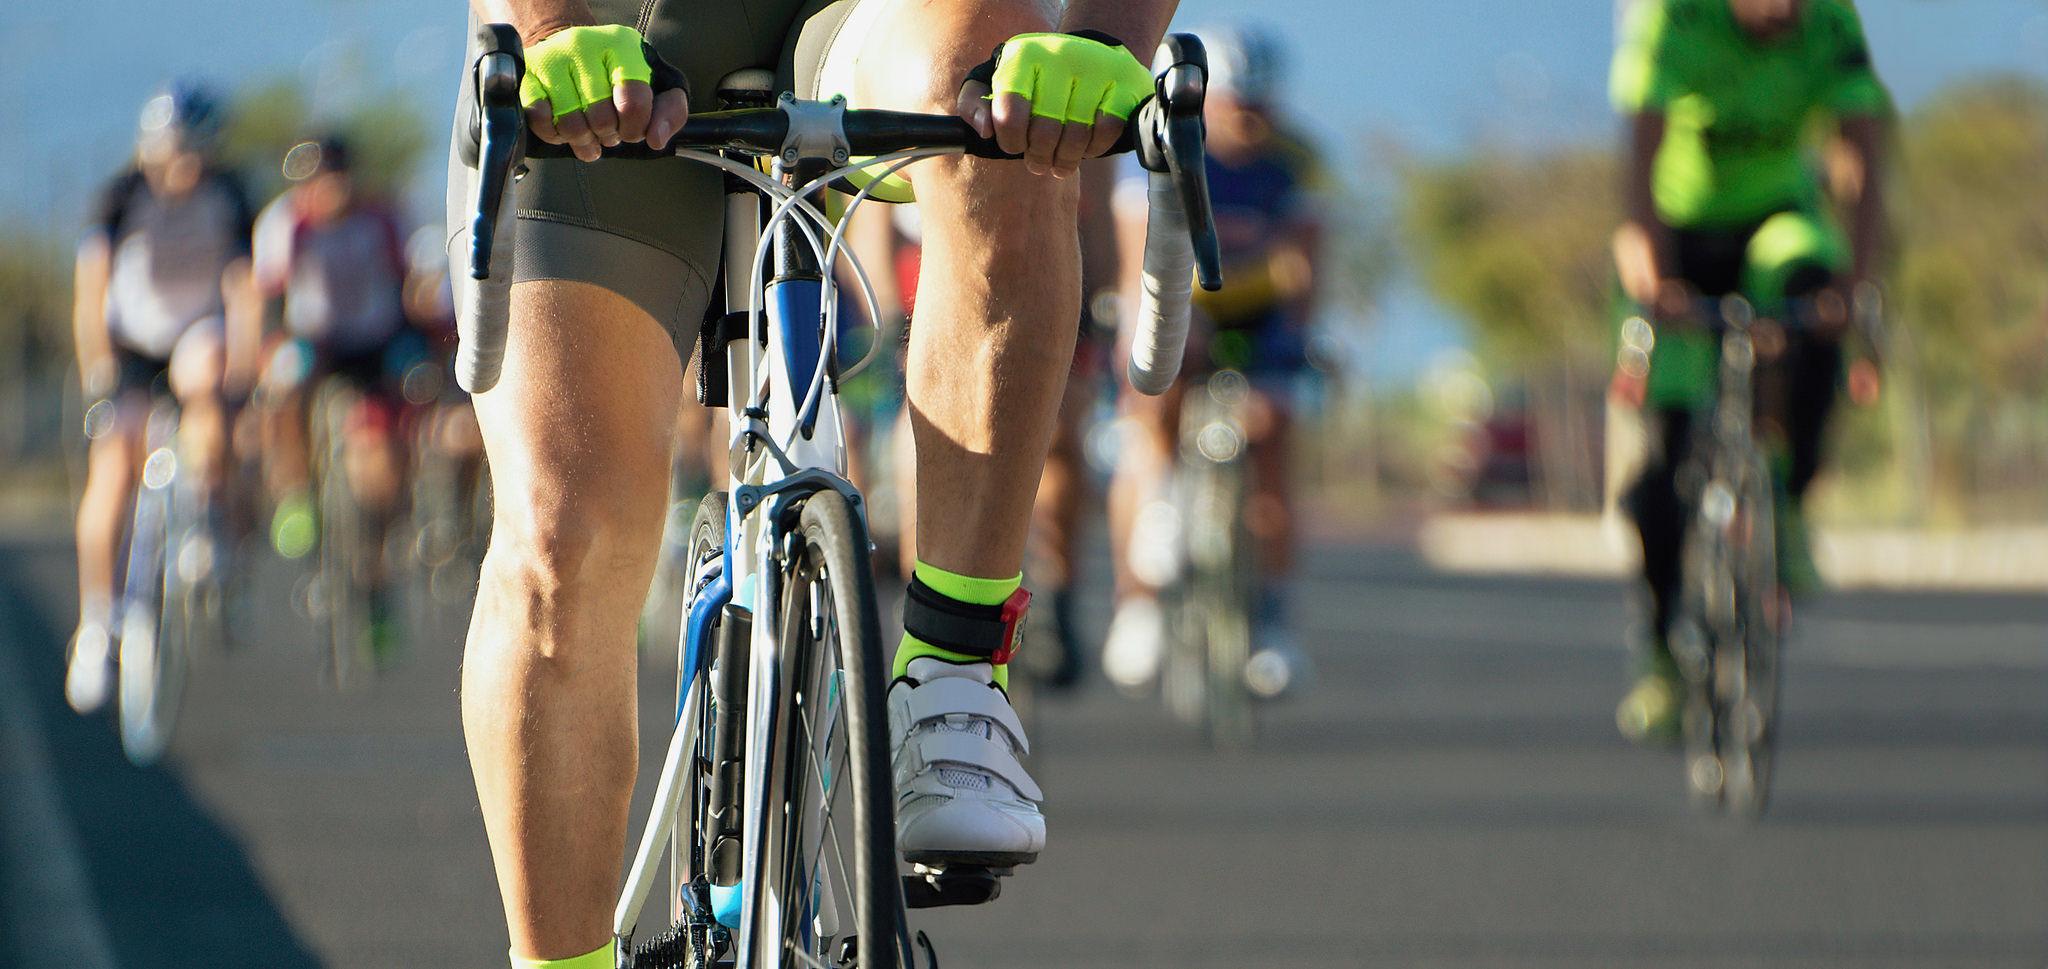 Bicycle Repairs Servicing Sales Weybridge Surrey